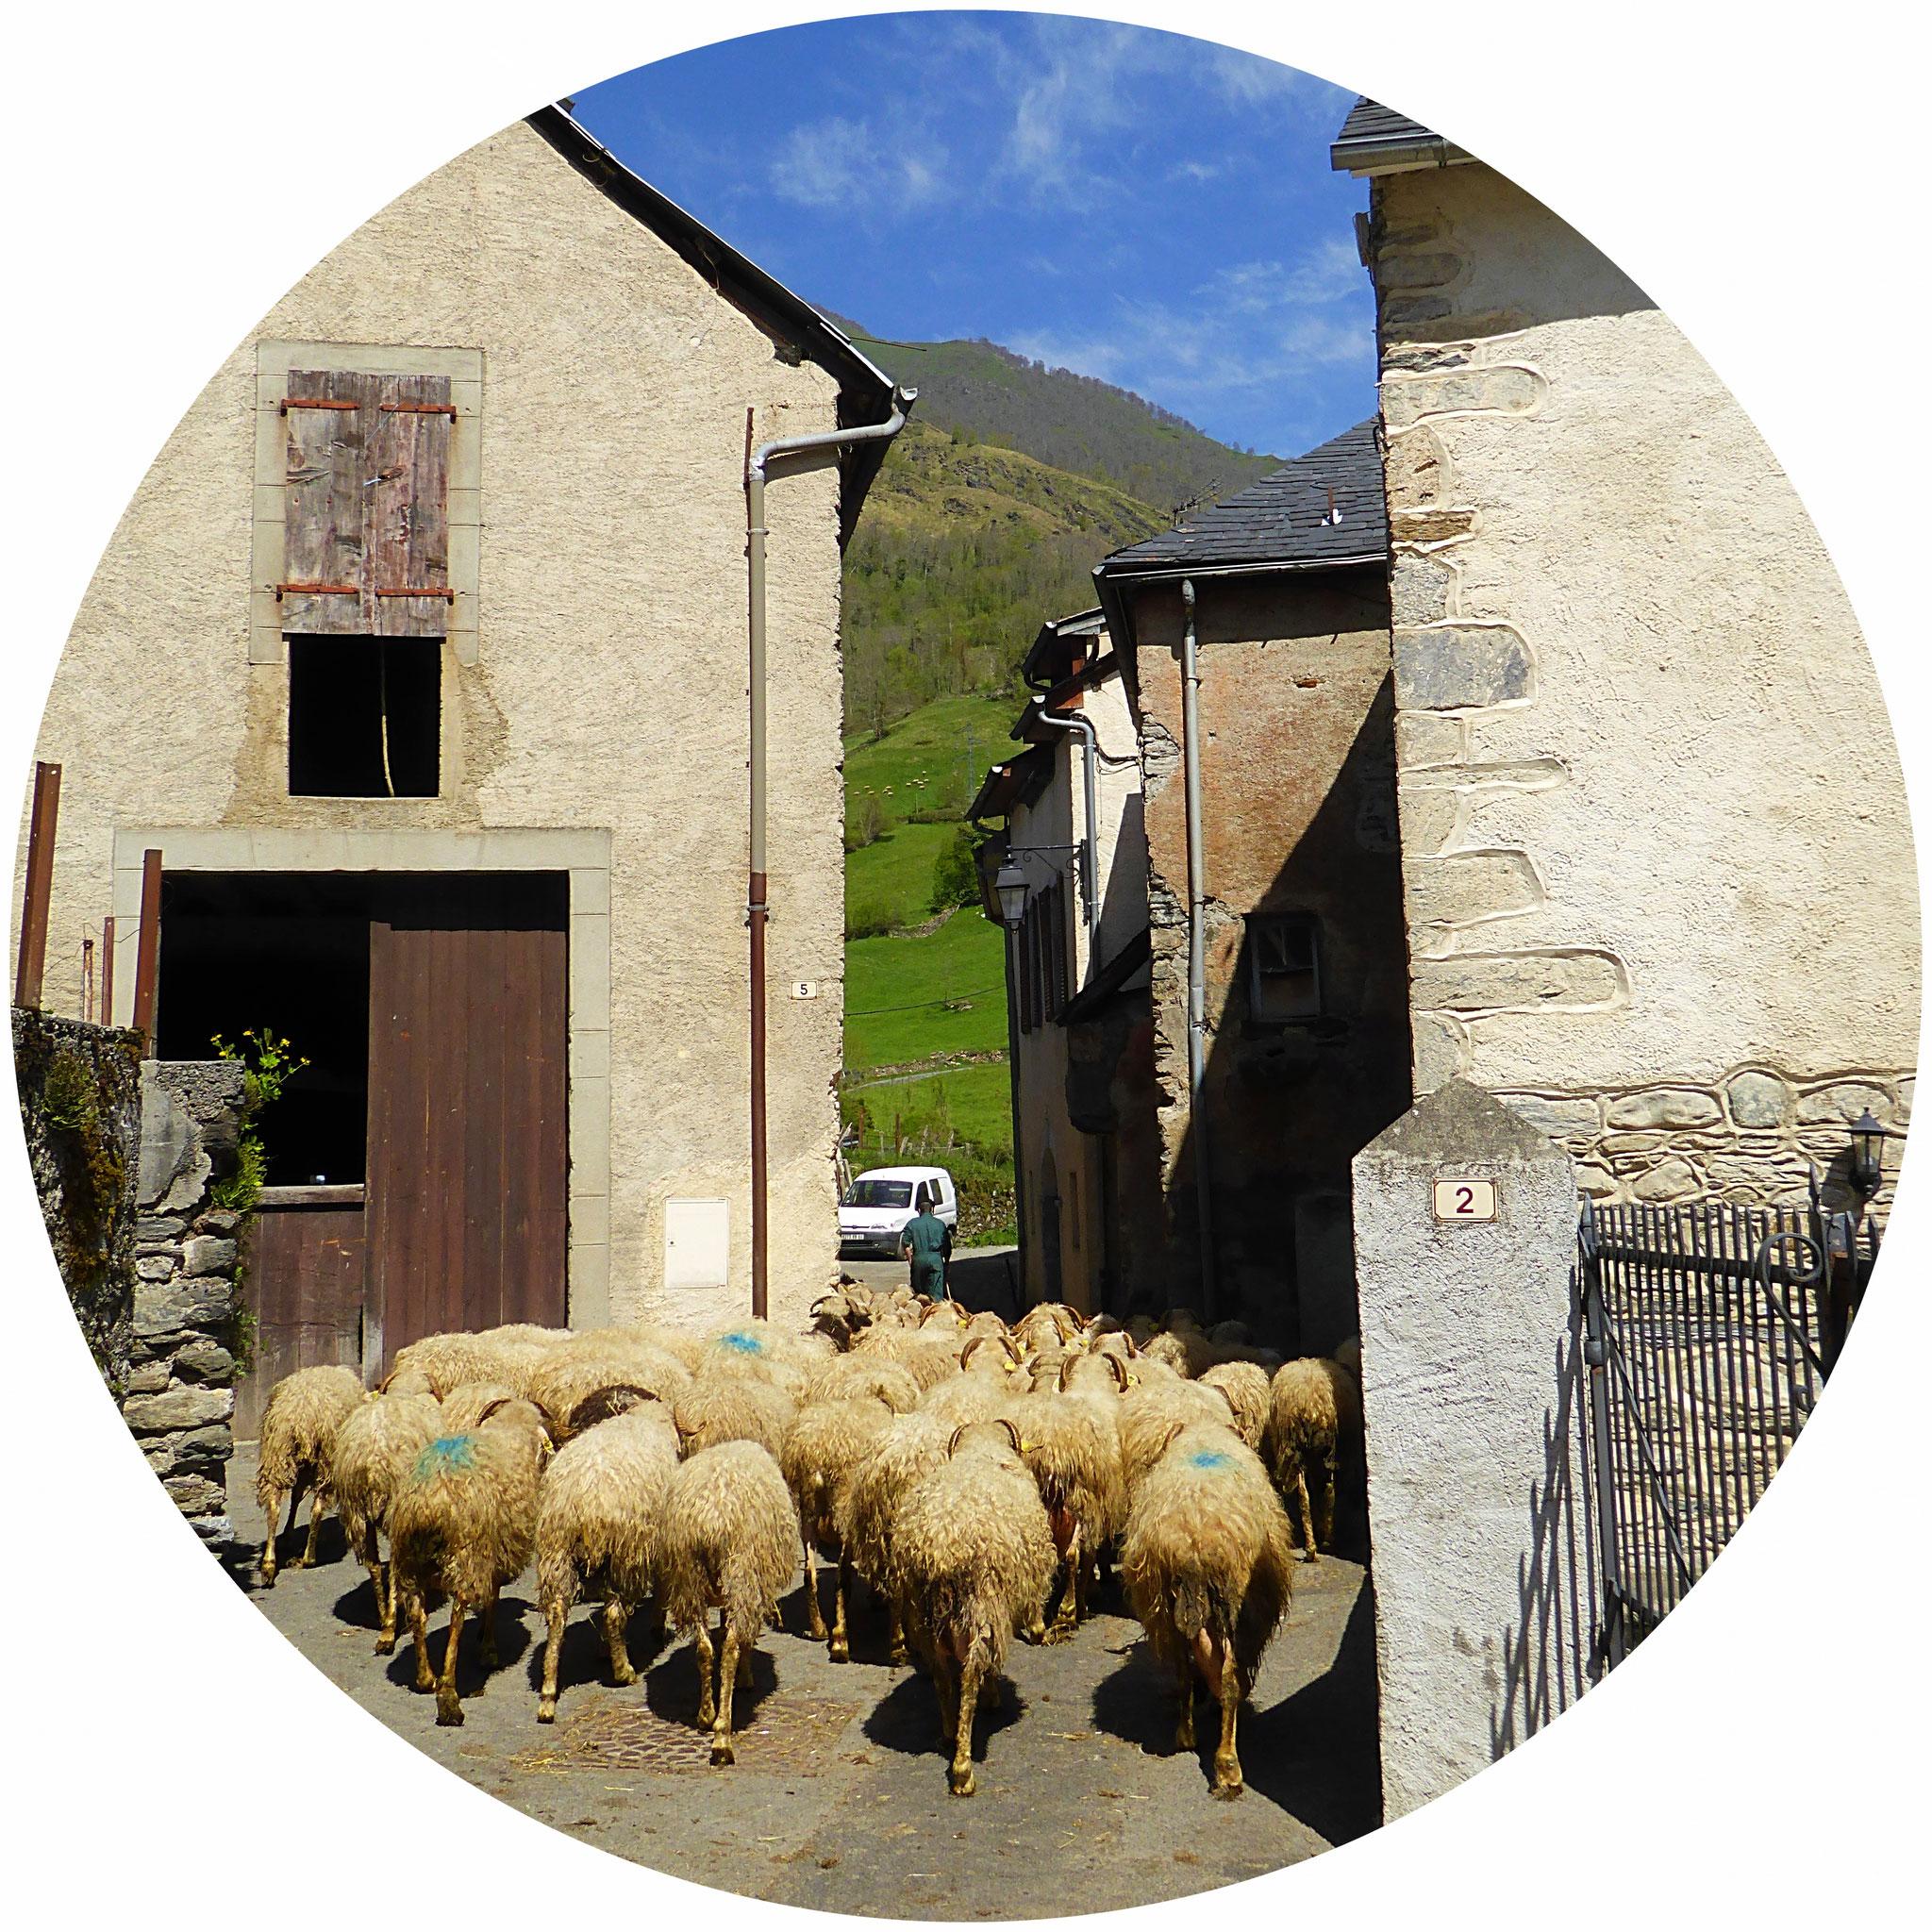 Dans Laruns, le berger ramène son troupeau